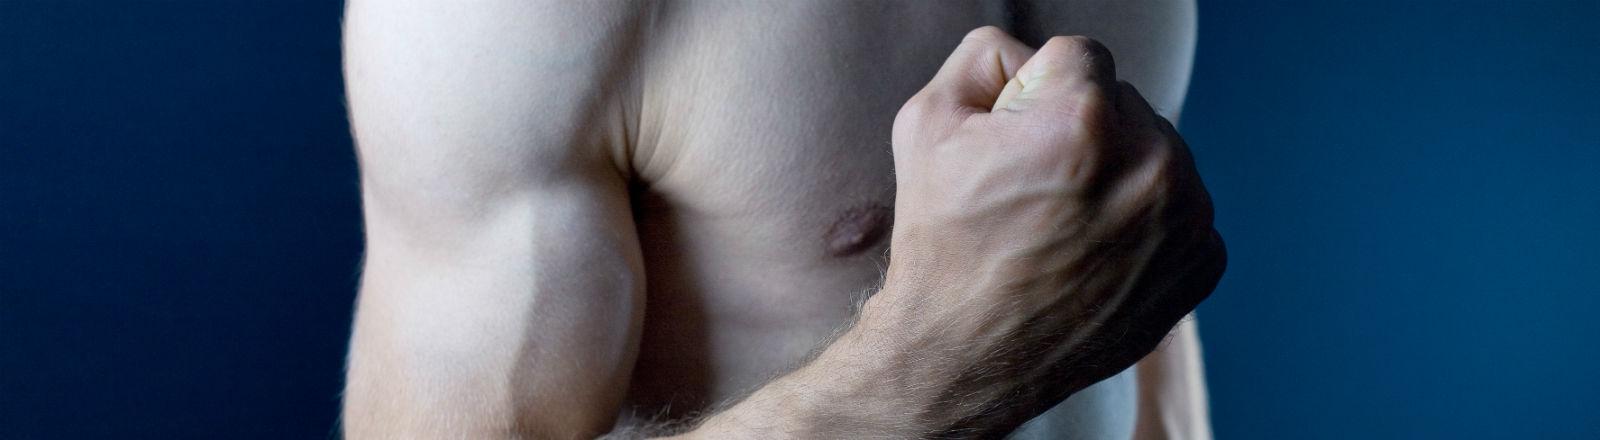 Ein Mann spannt seinen Oberarmmuskel an.